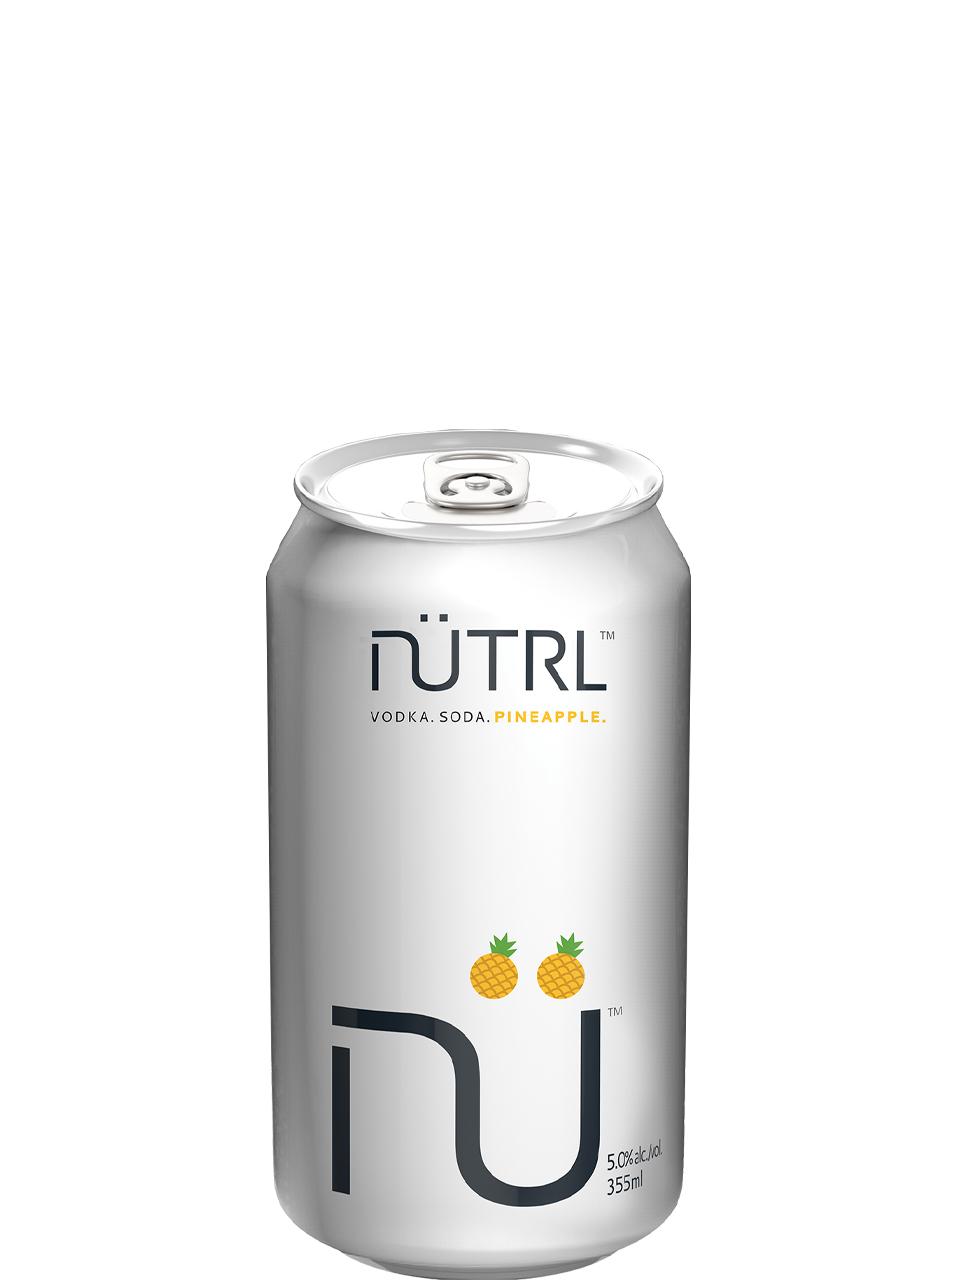 NUTRL Vodka Soda Pineapple 6 Pack